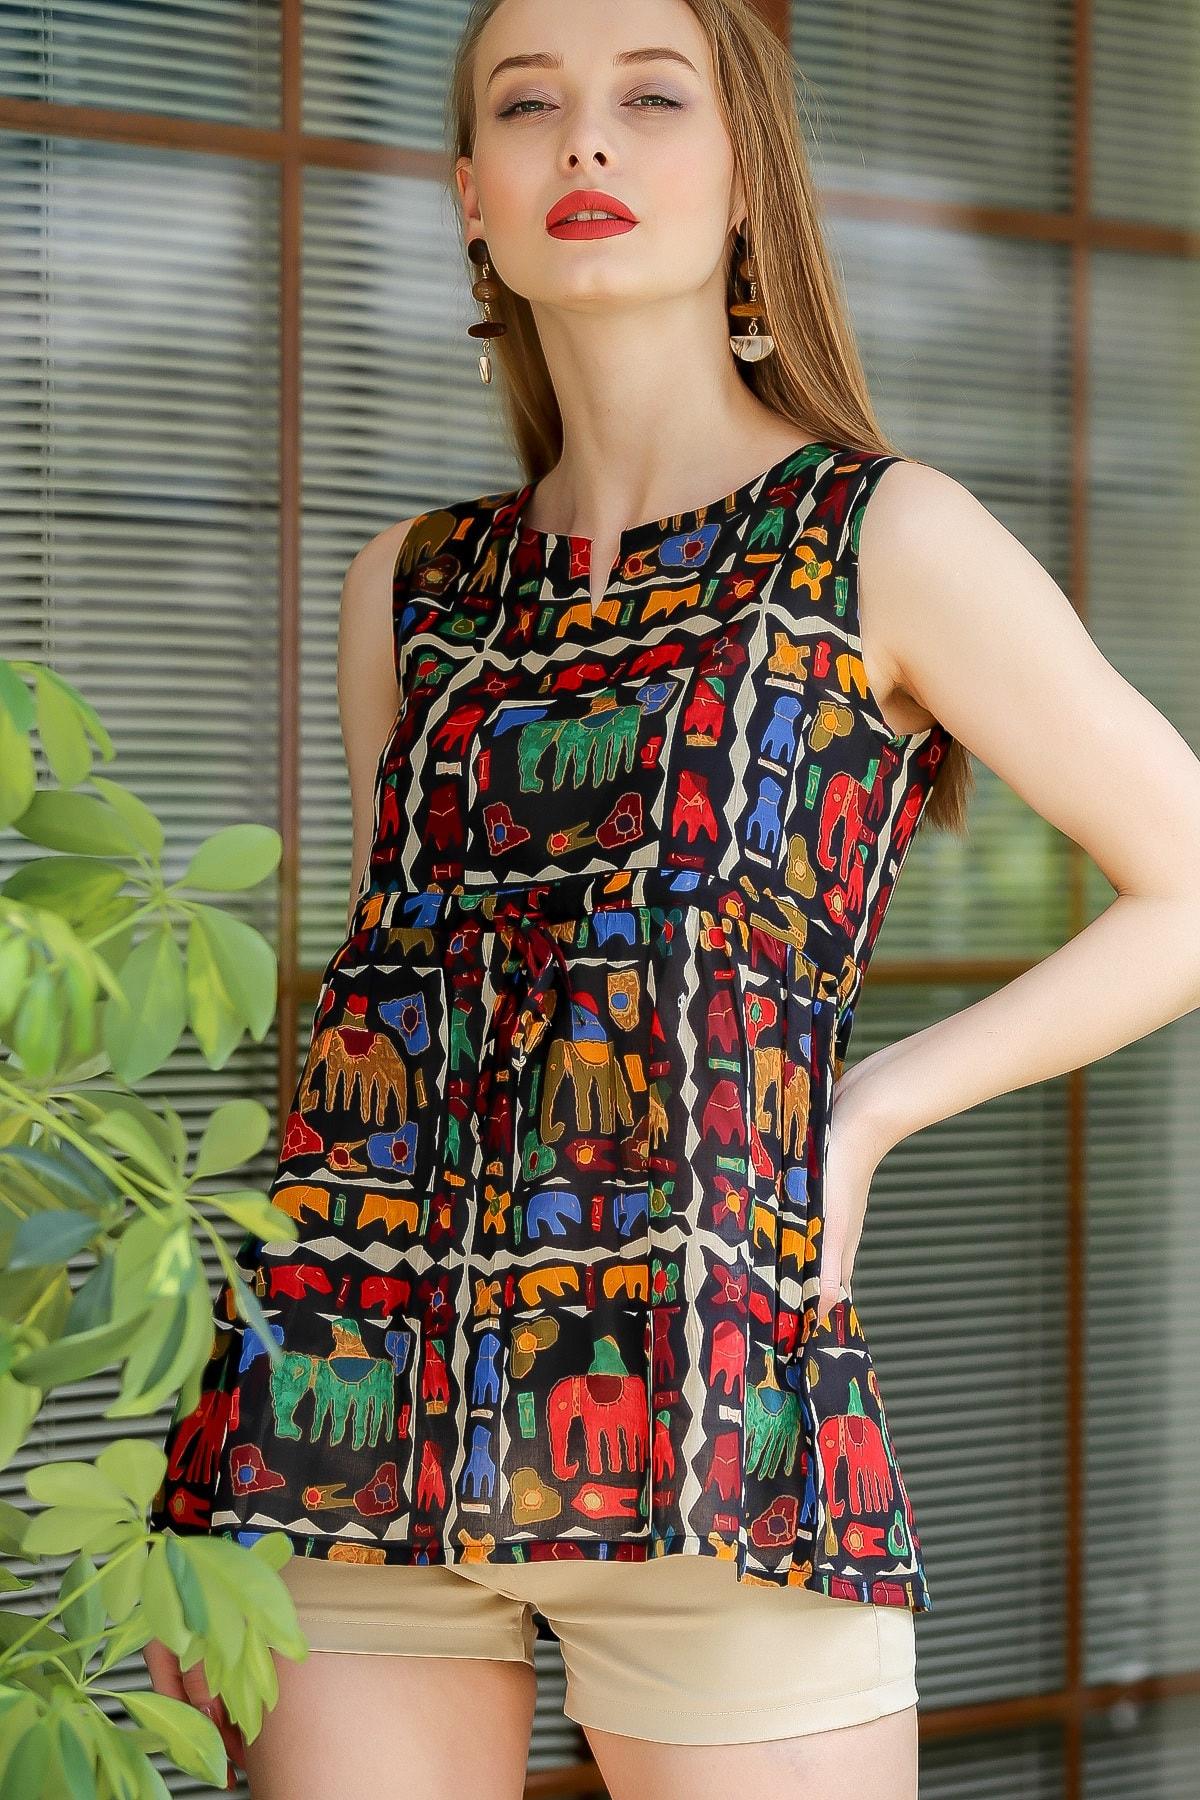 Chiccy Kadın Siyah Bohem Fil Baskılı Robadan Büzgülü Bluz M10010200BL96198 1